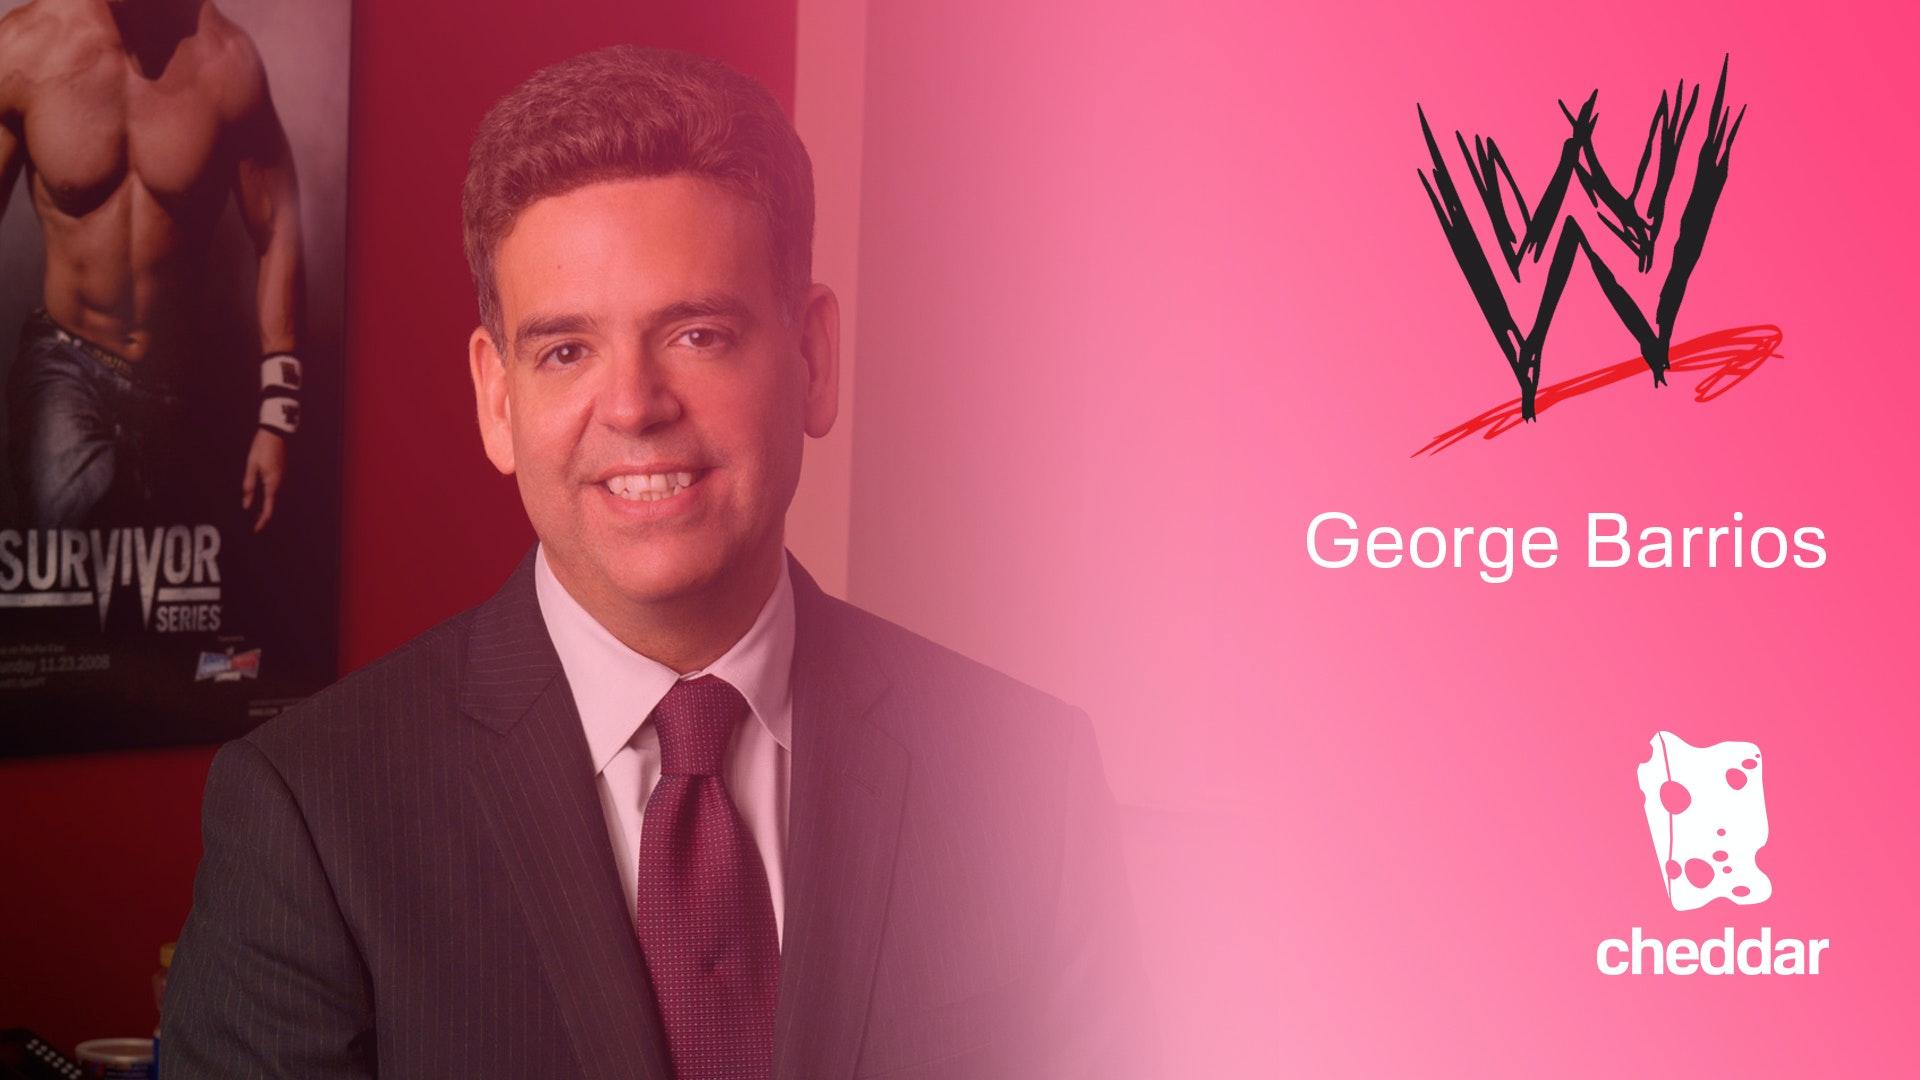 Georgebarrios%20 %20wwe